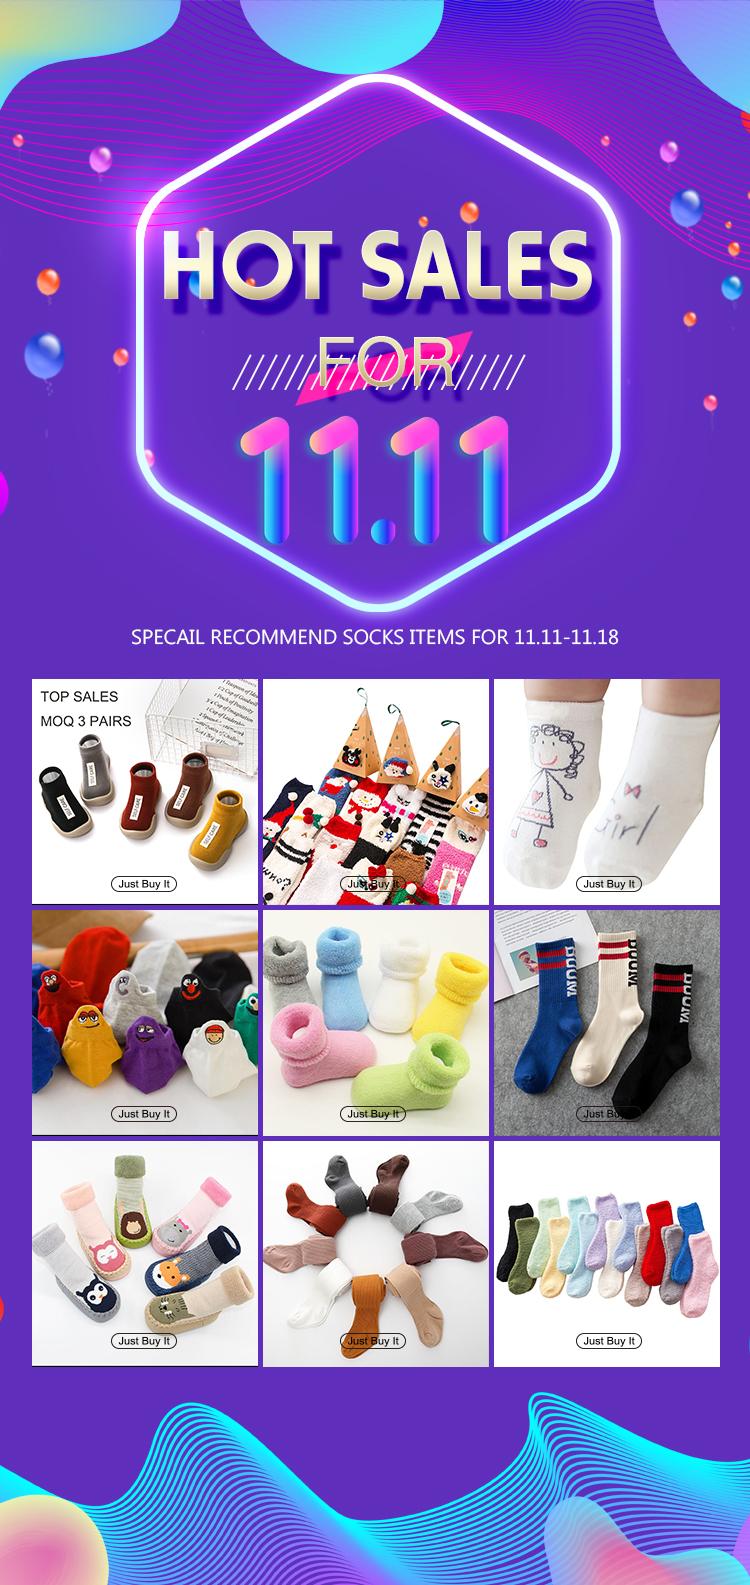 RTS 2020 ใหม่น่ารักฤดูหนาว Fuzzy ถุงเท้าสัตว์ของขวัญกล่อง 3D Funny fluffy คริสต์มาสถุงเท้าผู้หญิง